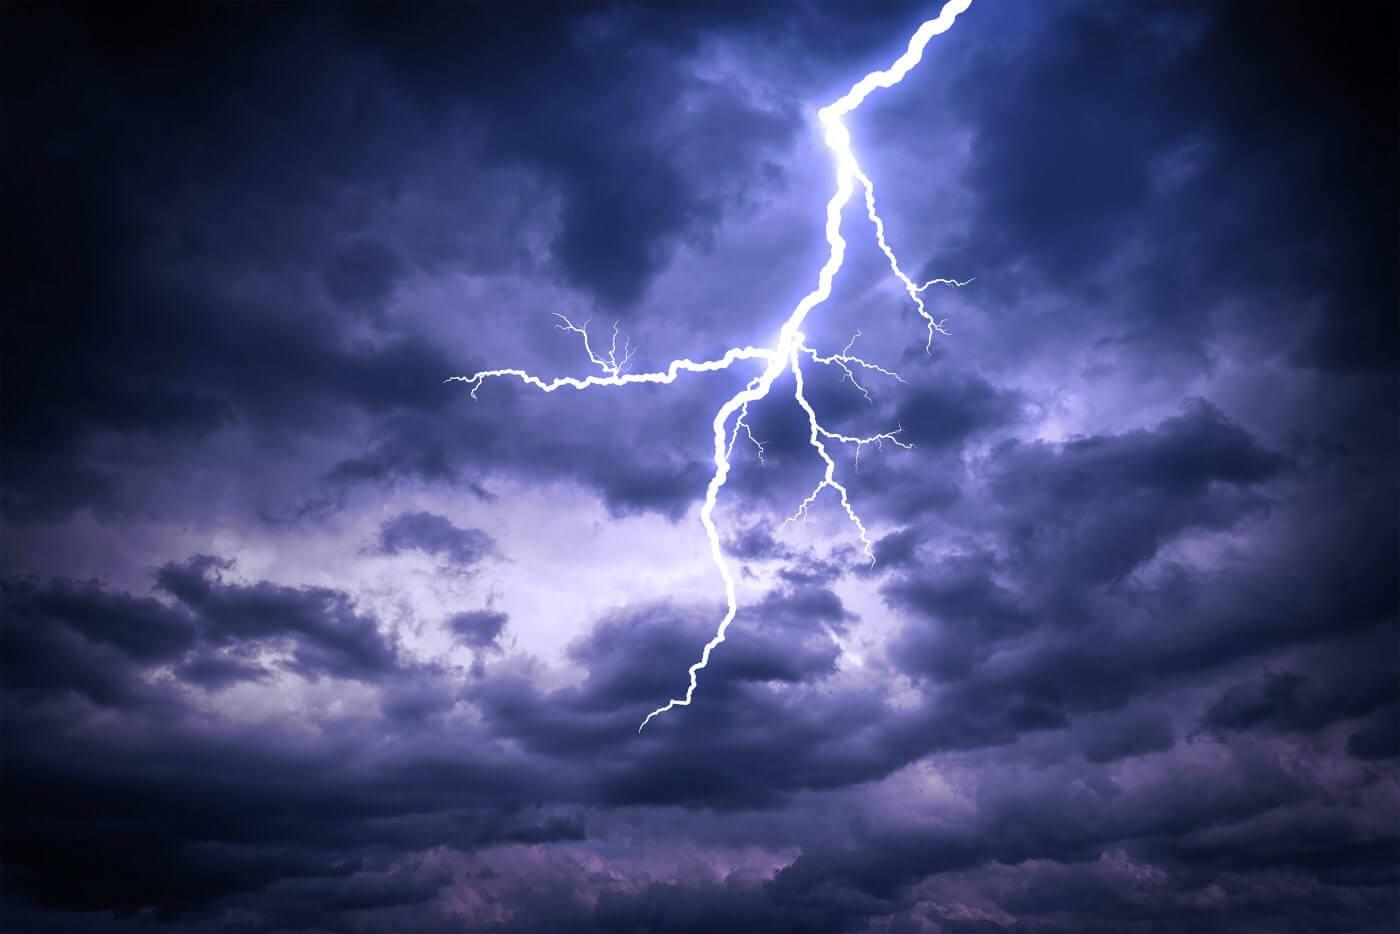 Heller Blitz am Himmel. Blitzschutz erforderlich.